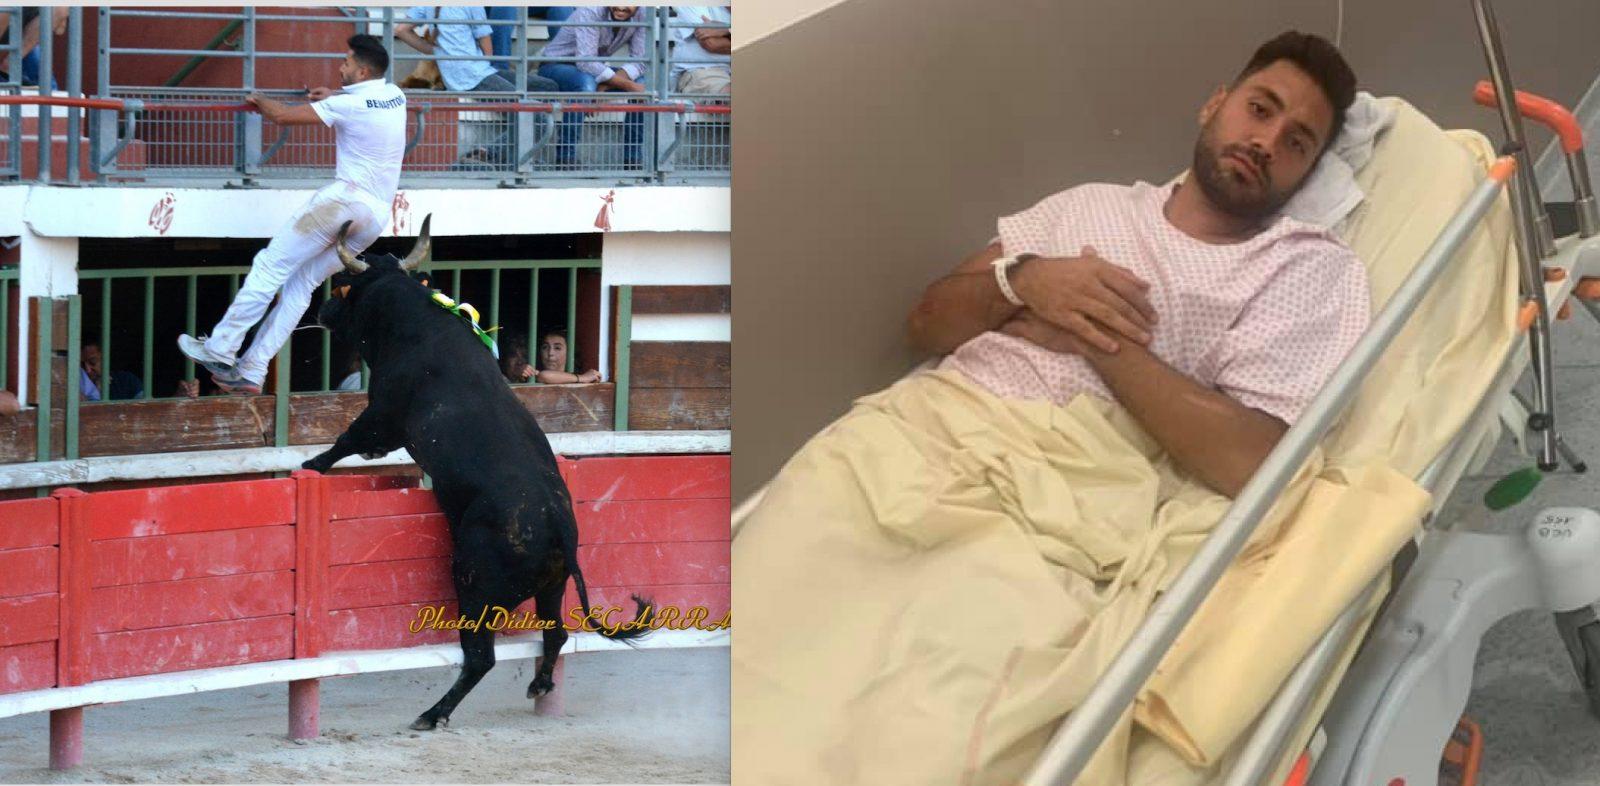 Des nouvelles d'Iliass Benafitou après son coup de corne à Vauvert